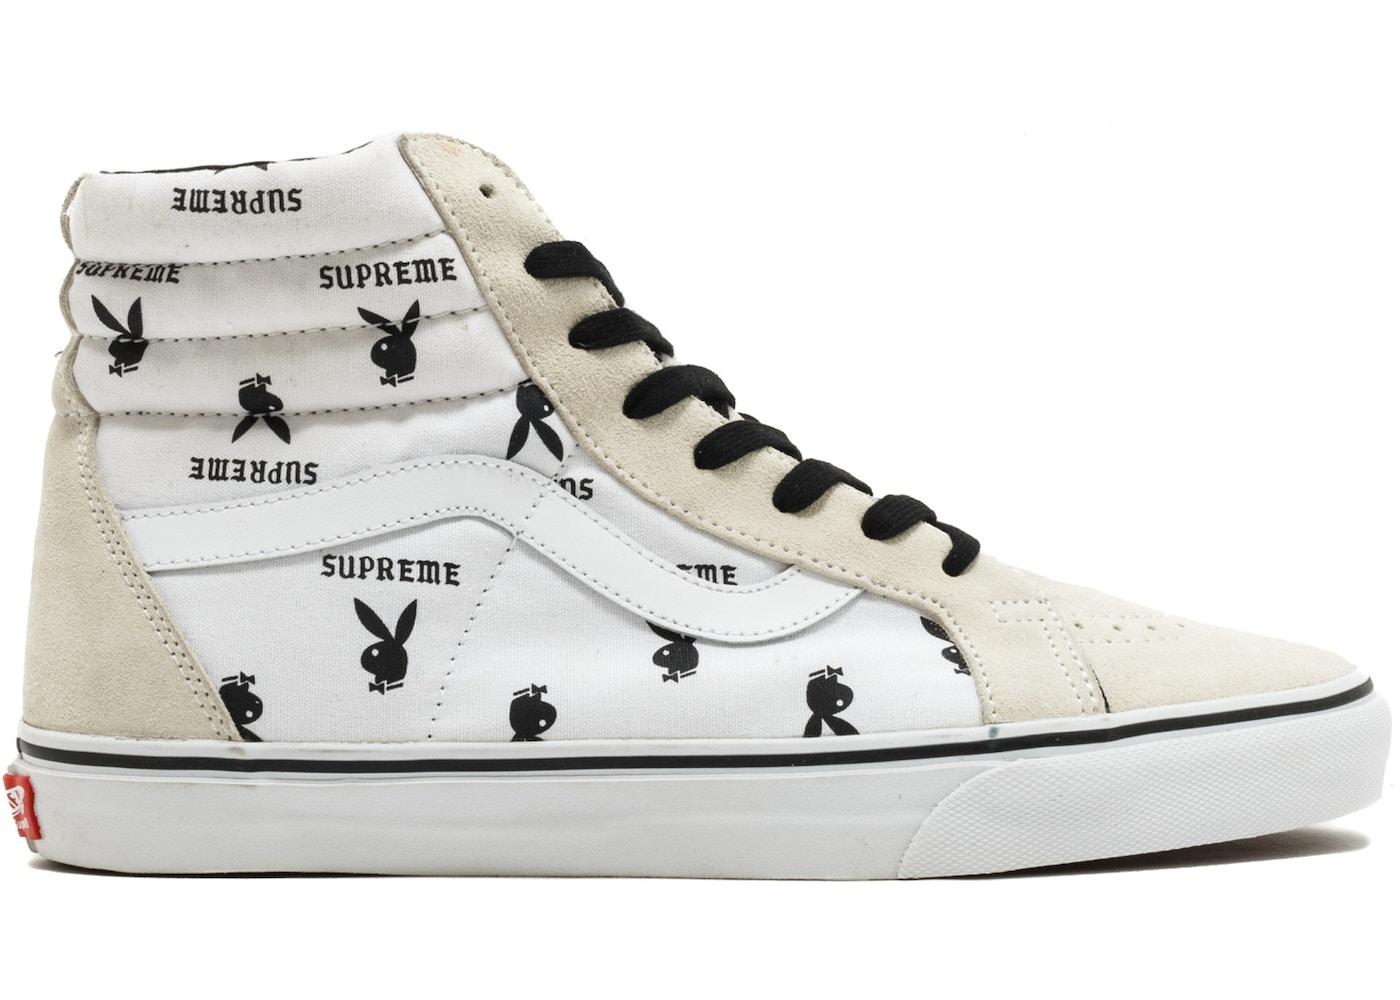 9627969b745 Footwear - Highest Bid